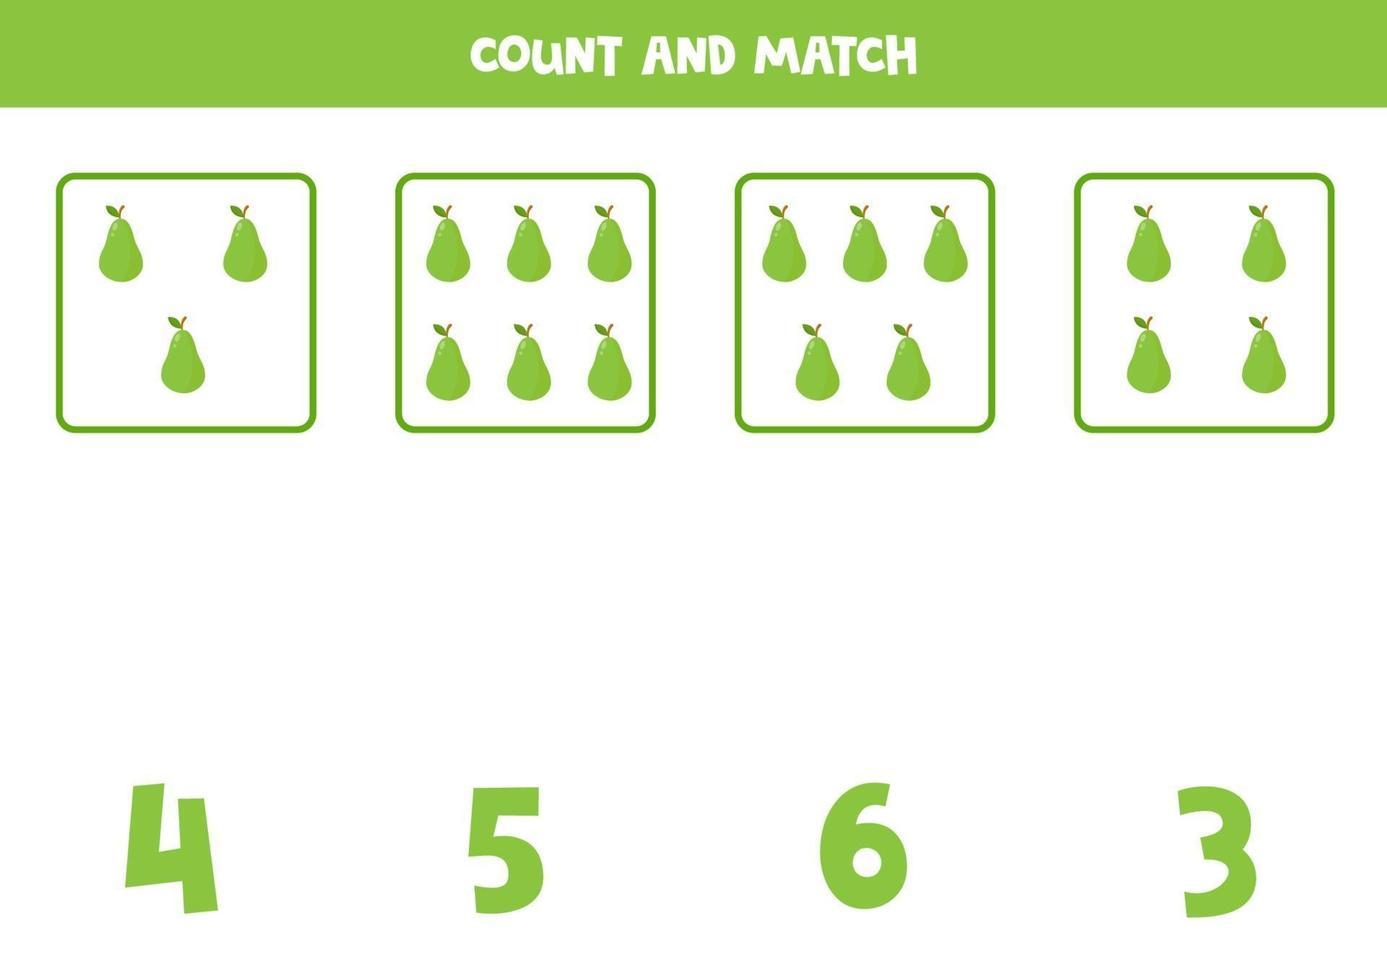 jogo de contagem para crianças. jogo de matemática com peras de desenho animado. vetor